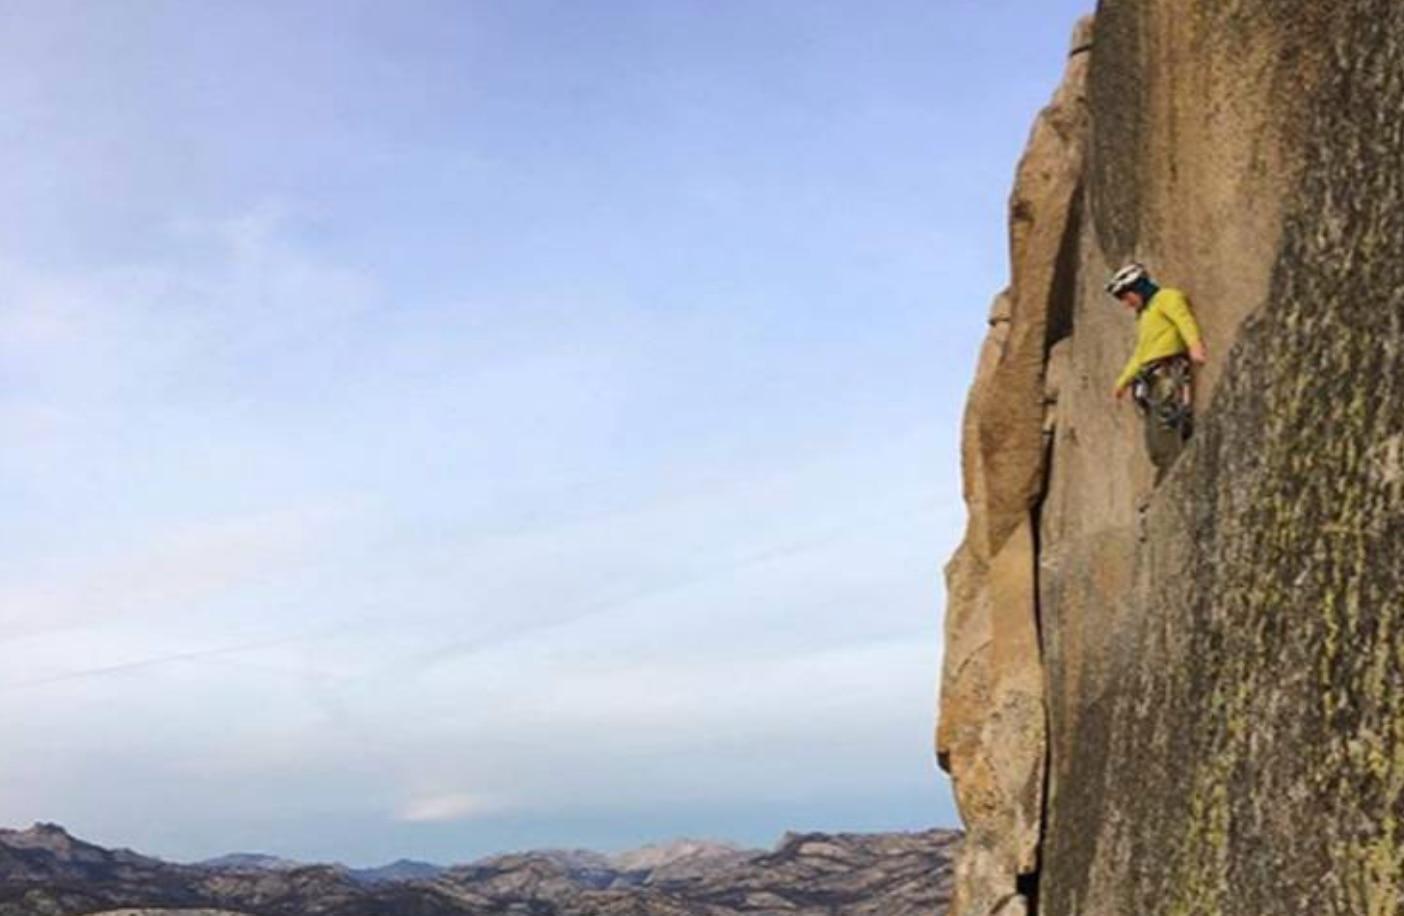 Pete Whittaker, Yosemite, El Capitan, Half Dome, solo climbing